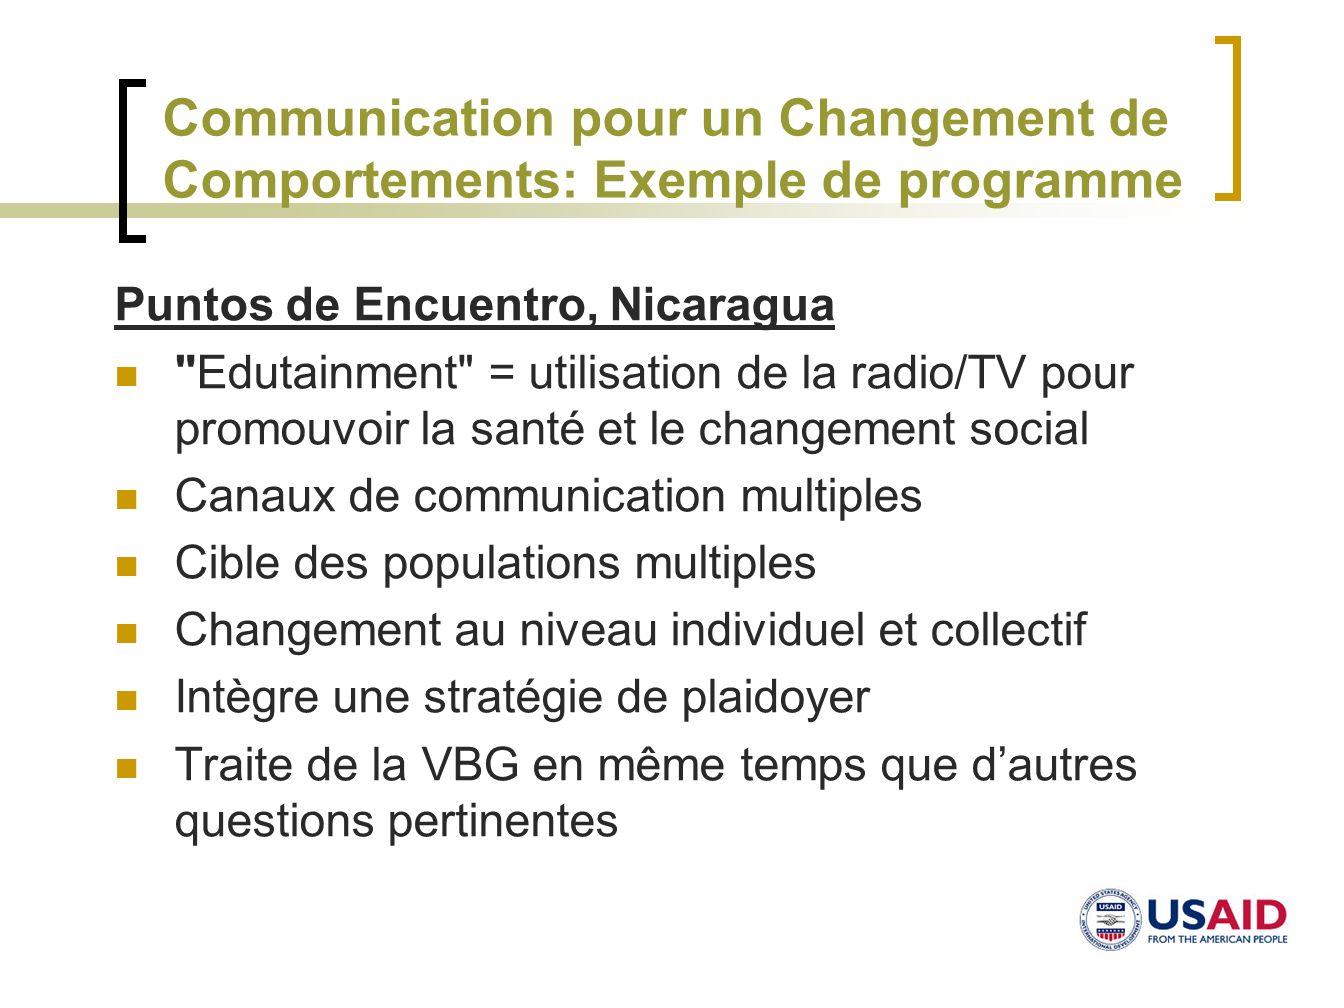 Communication pour un Changement de Comportements: Exemple de programme Puntos de Encuentro, Nicaragua